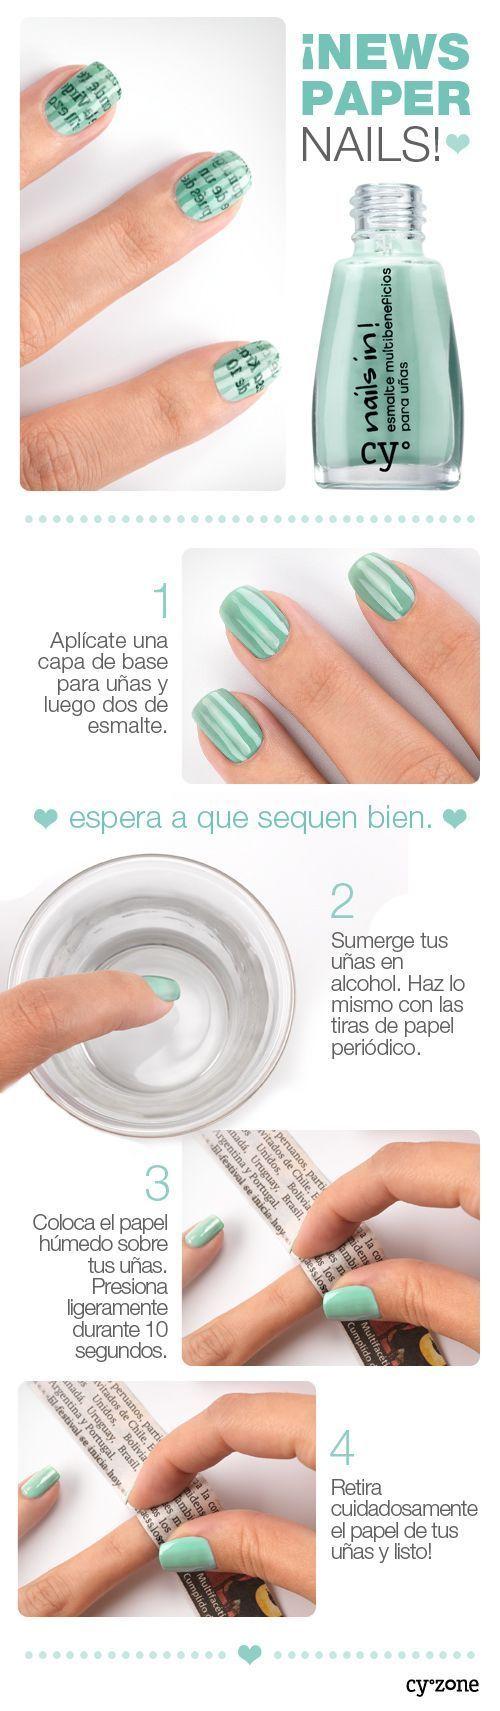 DIY Newspaper nail art idea | Uñas de periódico con tono verdoso | Decoración de Uñas